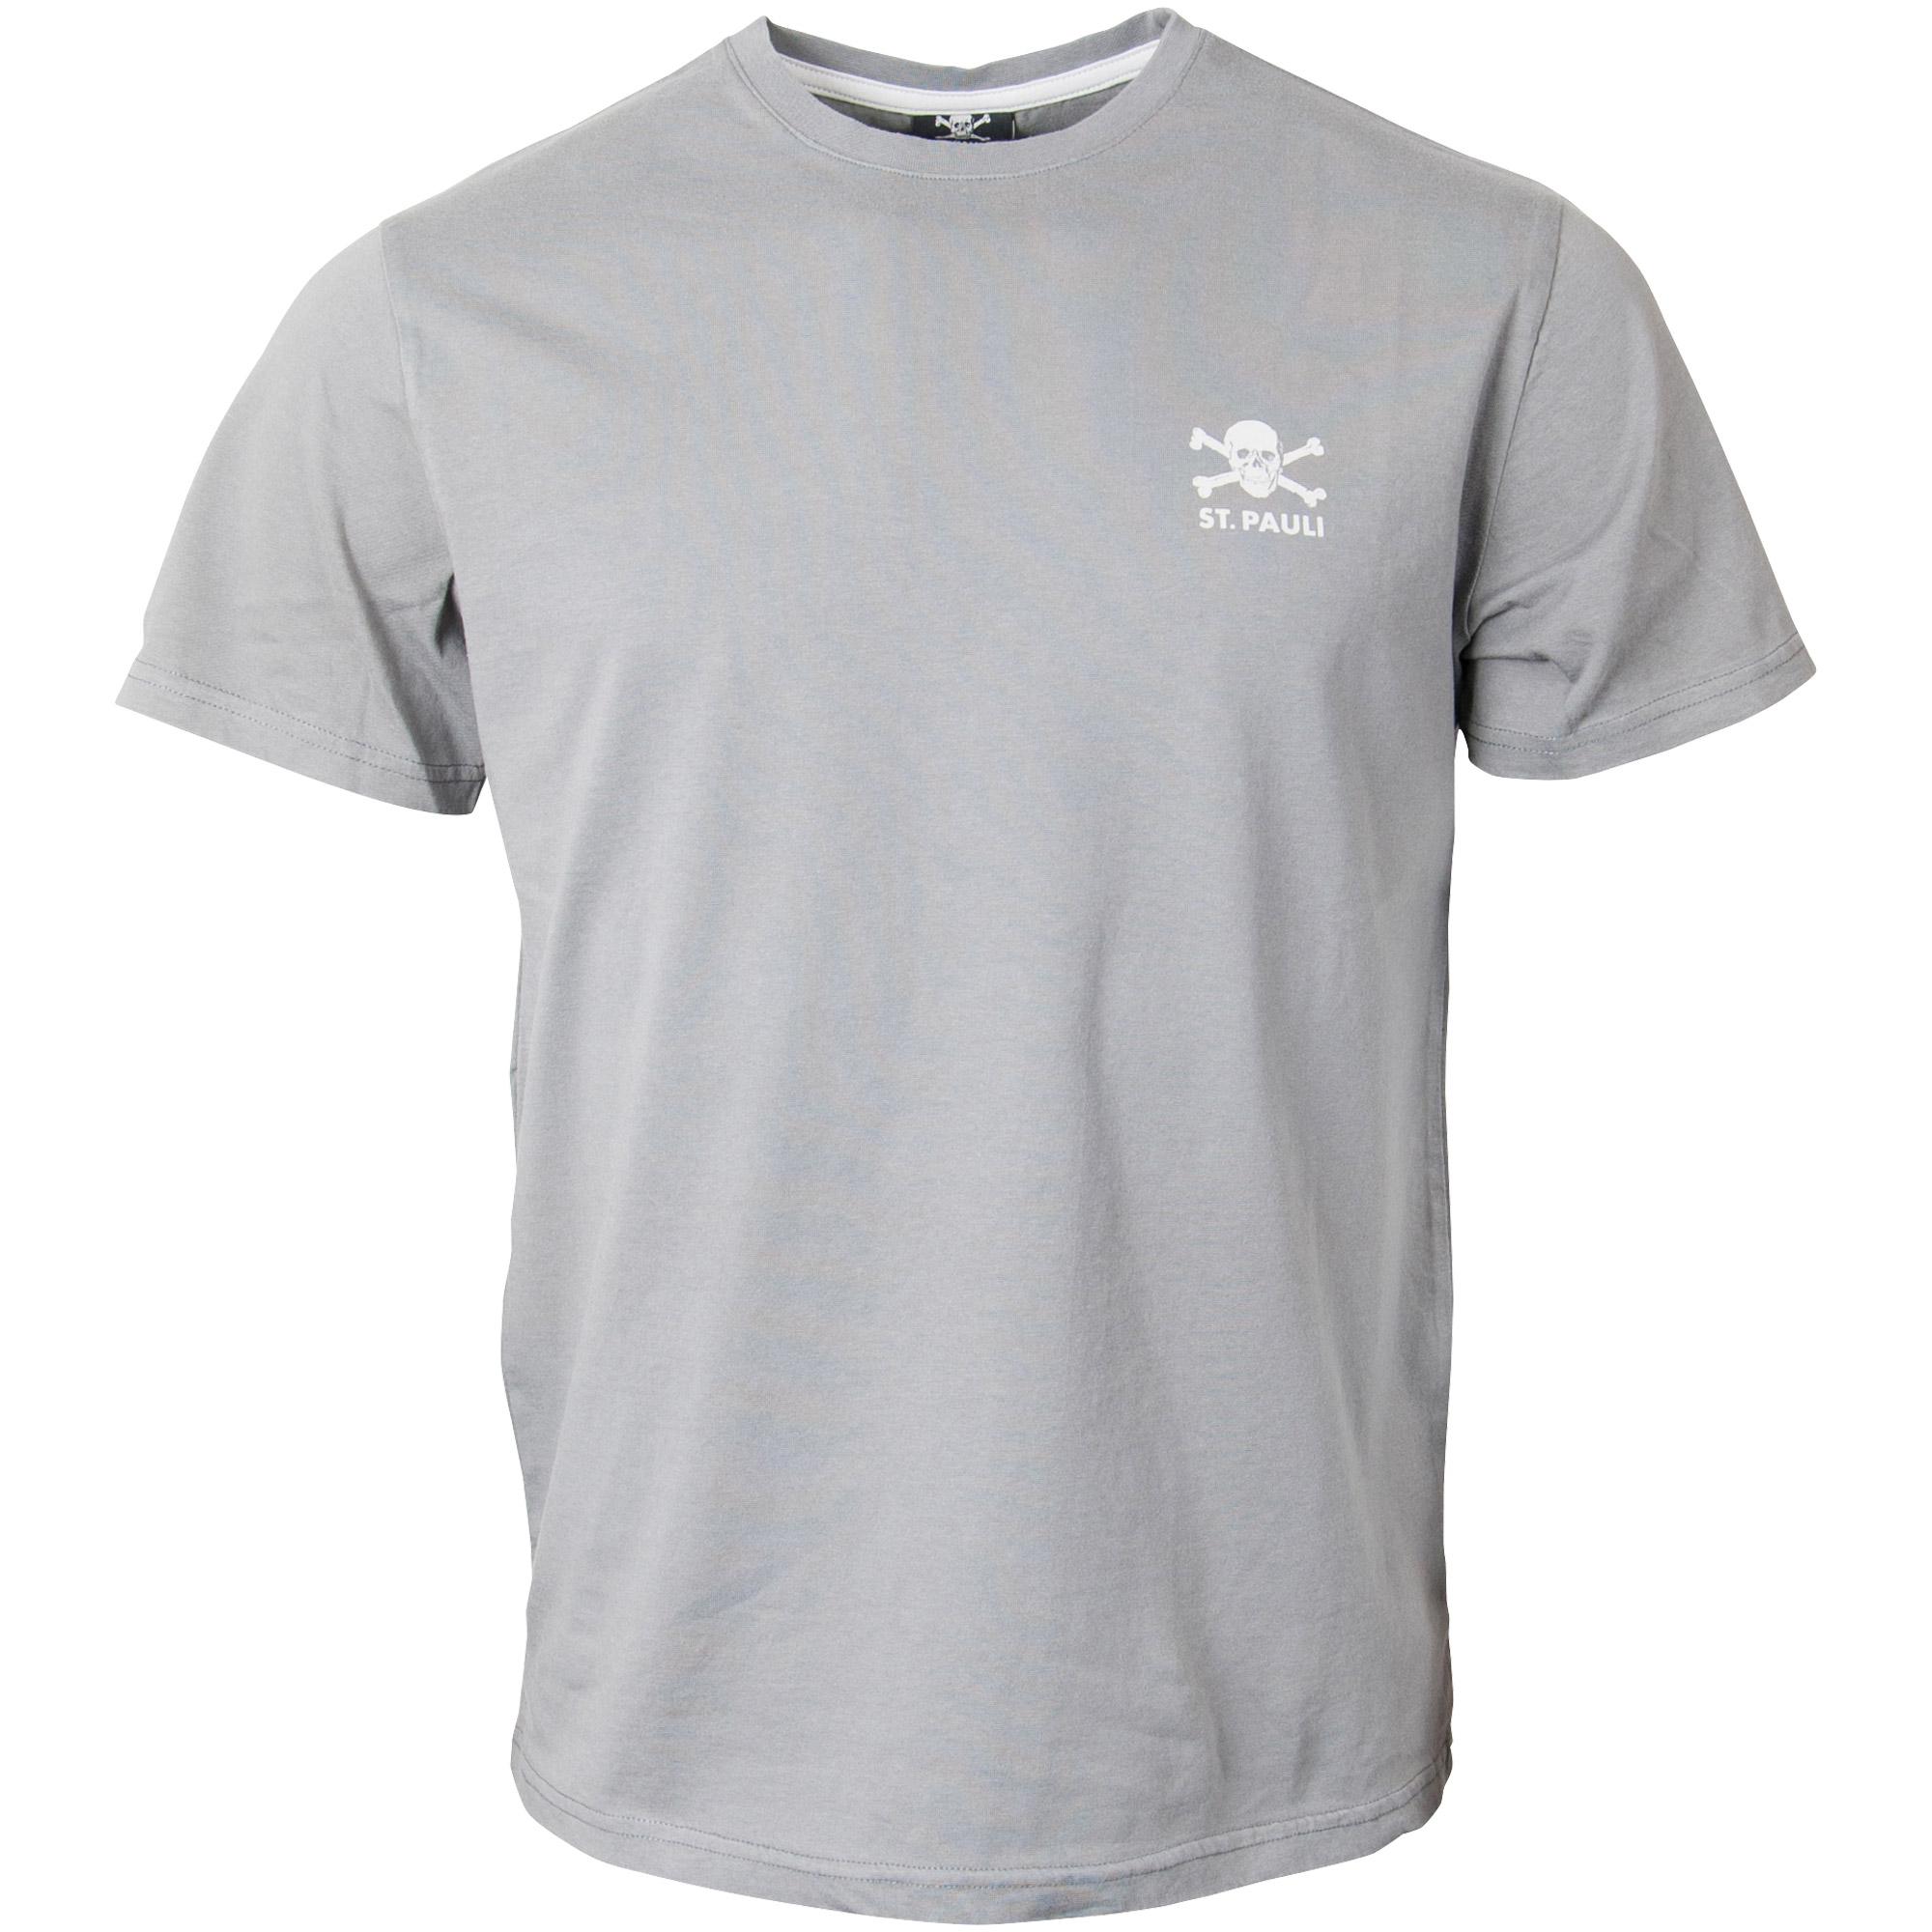 FC St. Pauli - T-Shirt FCSP - grau